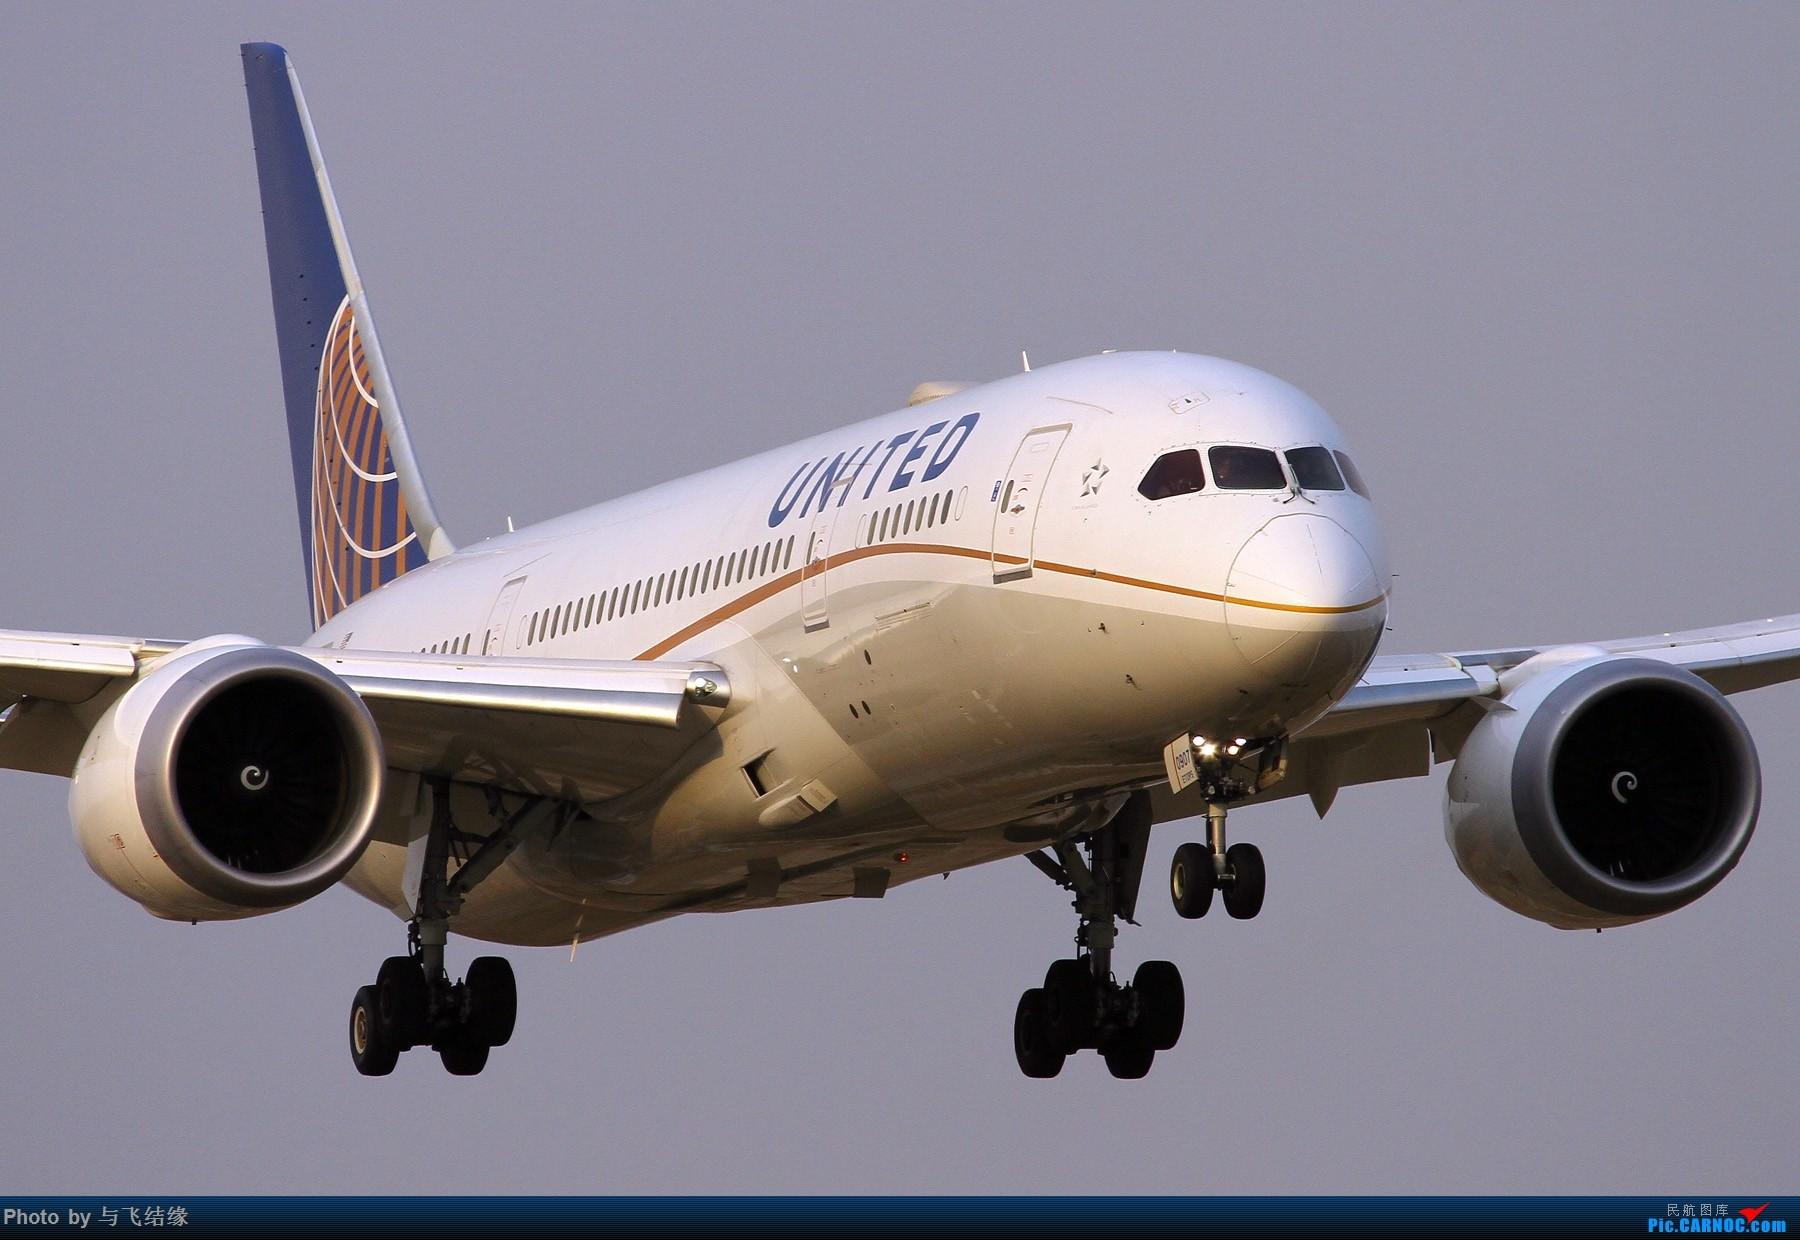 """Re:[原创]农历三十再发一贴,祝朋友们新年""""猪""""事顺利,吉祥如意! BOEING 787-8  中国北京首都国际机场"""